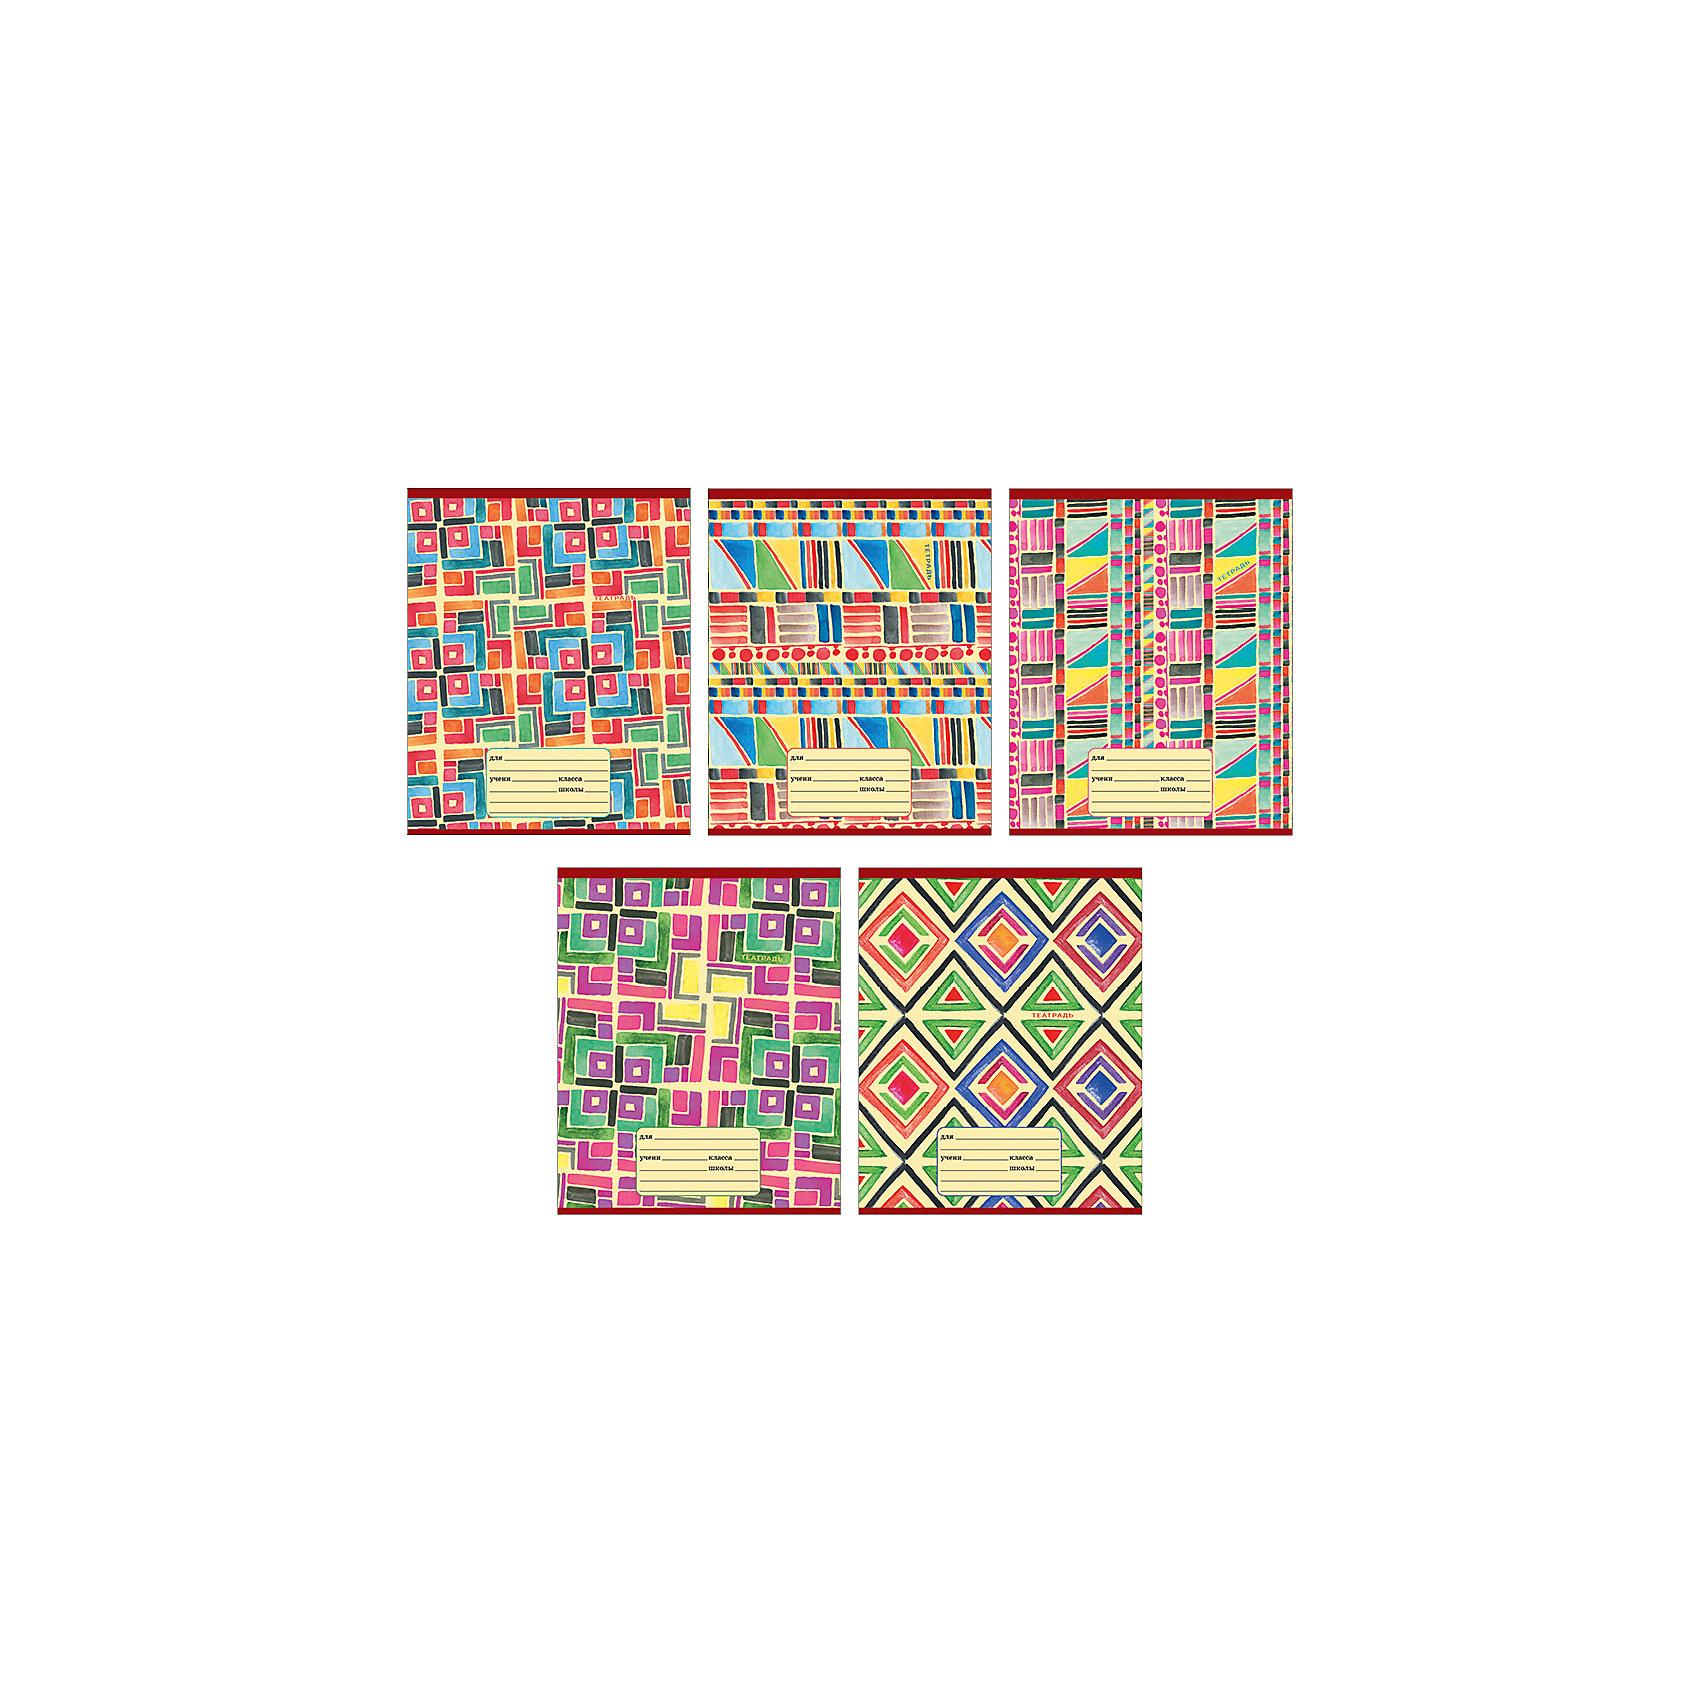 Комплект тетрадей Красочный калейдоскоп (10 шт), 24 листа, Канц-ЭксмоБумажная продукция<br>Характеристики комплекта тетрадей Красочный калейдоскоп:<br><br>• размеры: 20.2х16.3х3.5 см<br>• количество листов: 24 шт.<br>• разлиновка: клетка<br>• формат: А 5 <br>• комплектация: тетрадь<br>• бумага: офсет, плотностью 60 г/м2.<br>• Бренд: Канц-Эксмо<br>• страна бренда: Россия<br>• страна производителя: Россия<br><br>Комплект тетрадей Красочный калейдоскоп от производителя Канц-Эксмо выполнен в формате А5. Количество листов 24, тетради в клетку с полями. Крепление: скрепка. Обложка у изделий плотная - мелованный картон. <br><br>Комплект тетрадей Красочный калейдоскоп от производителя Канц-Эксмо можно купить в нашем интернет-магазине.<br><br>Ширина мм: 202<br>Глубина мм: 163<br>Высота мм: 20<br>Вес г: 67<br>Возраст от месяцев: 72<br>Возраст до месяцев: 2147483647<br>Пол: Унисекс<br>Возраст: Детский<br>SKU: 5448396